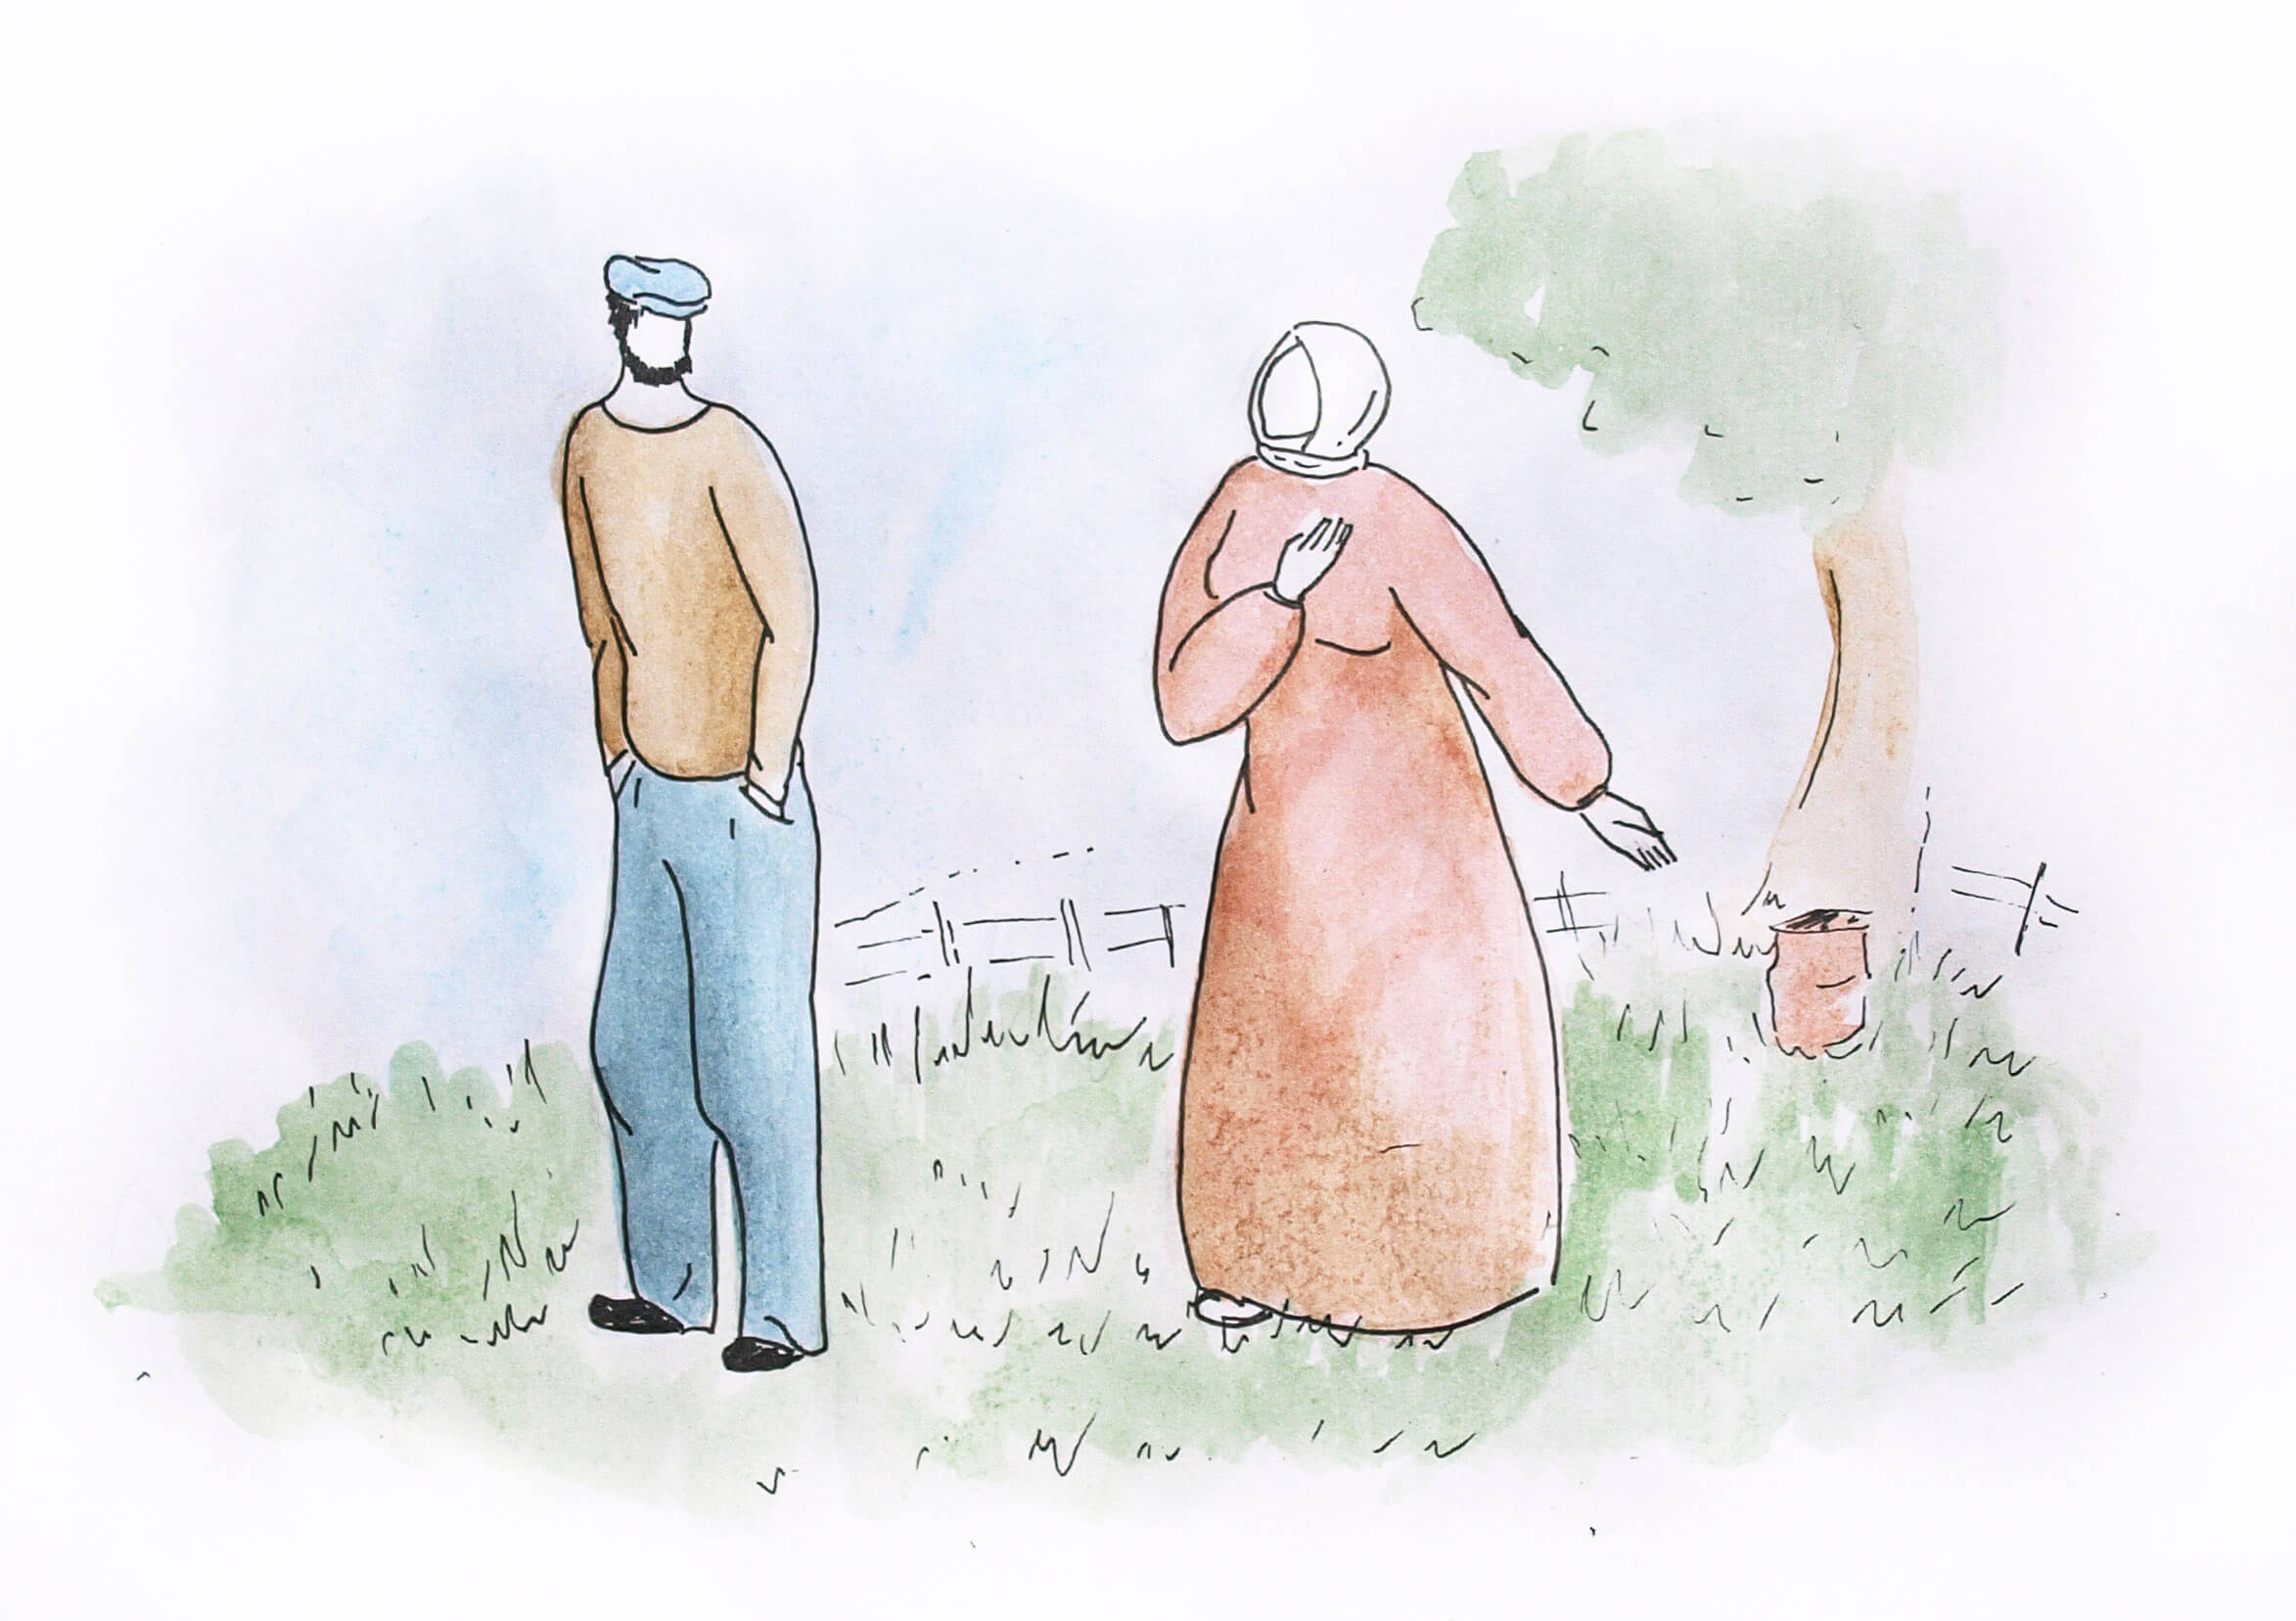 Рассказы про деревню Встань и иди гроб иллюстрации старик со старухой